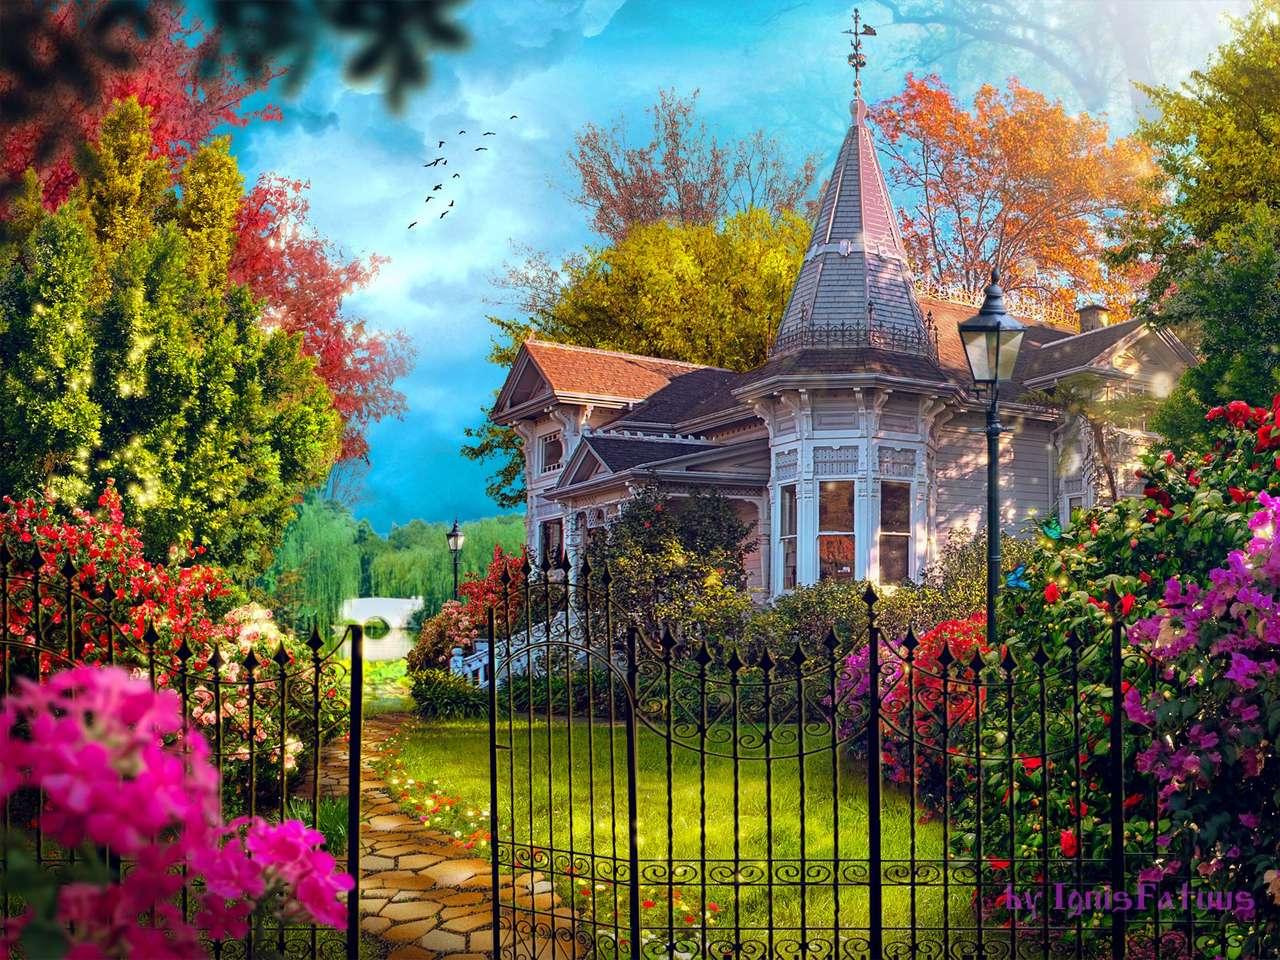 Huis in de tuin - Huis in de tuin, tuinhek, bomen, bloemen (12×9)